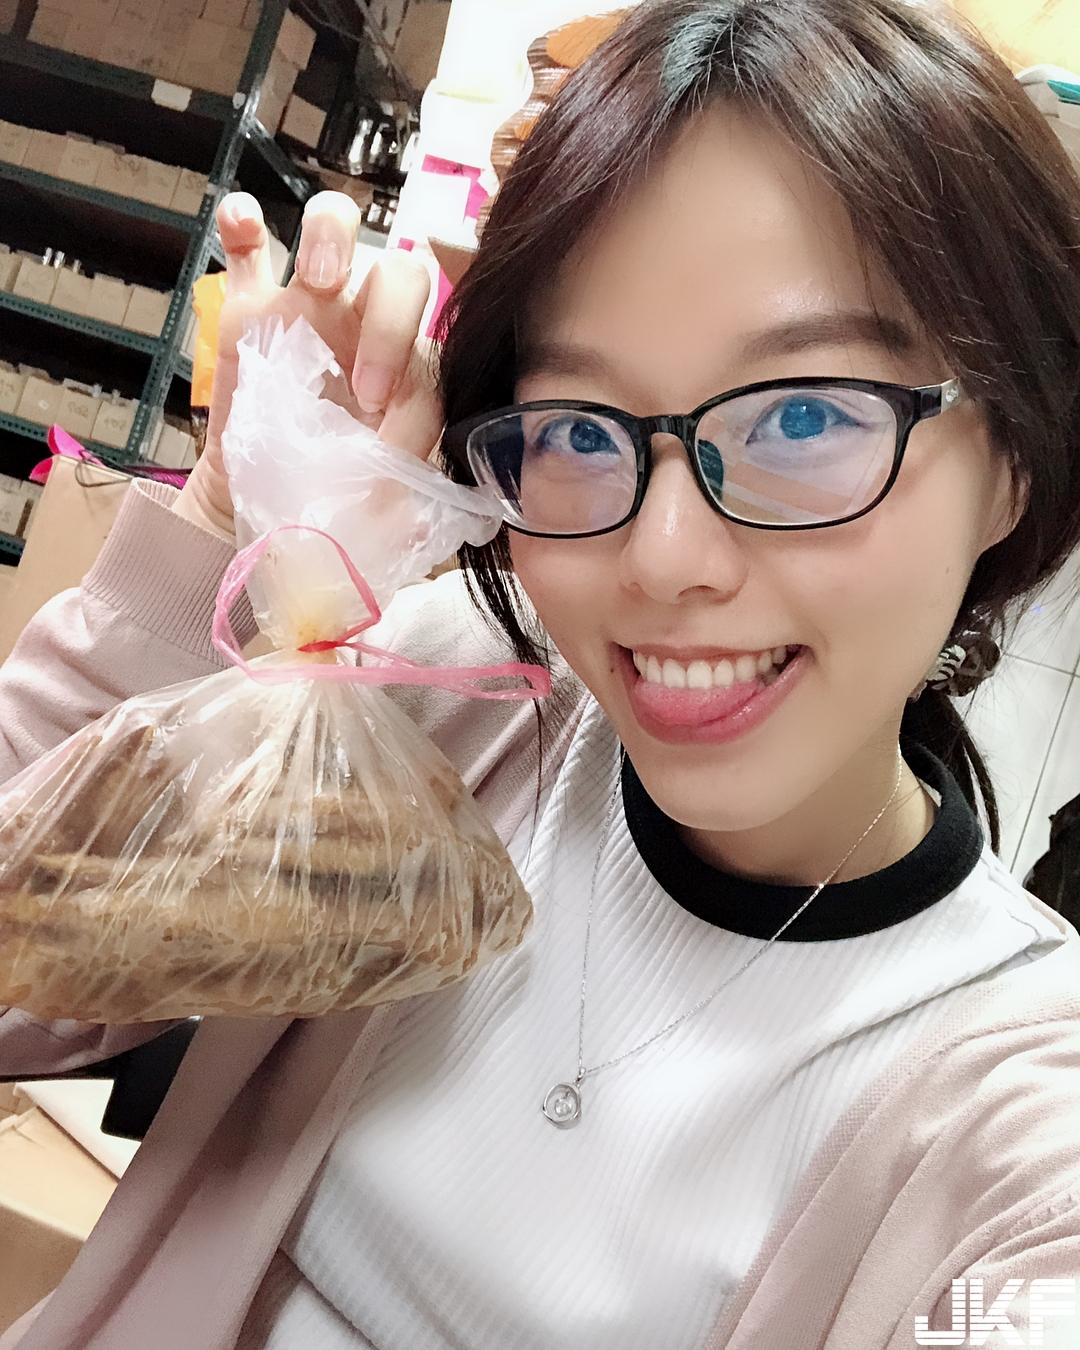 大學講師 Ruby Lin 仙女般氣質「其實超有料」...男同學暴動 - 素人正妹 -